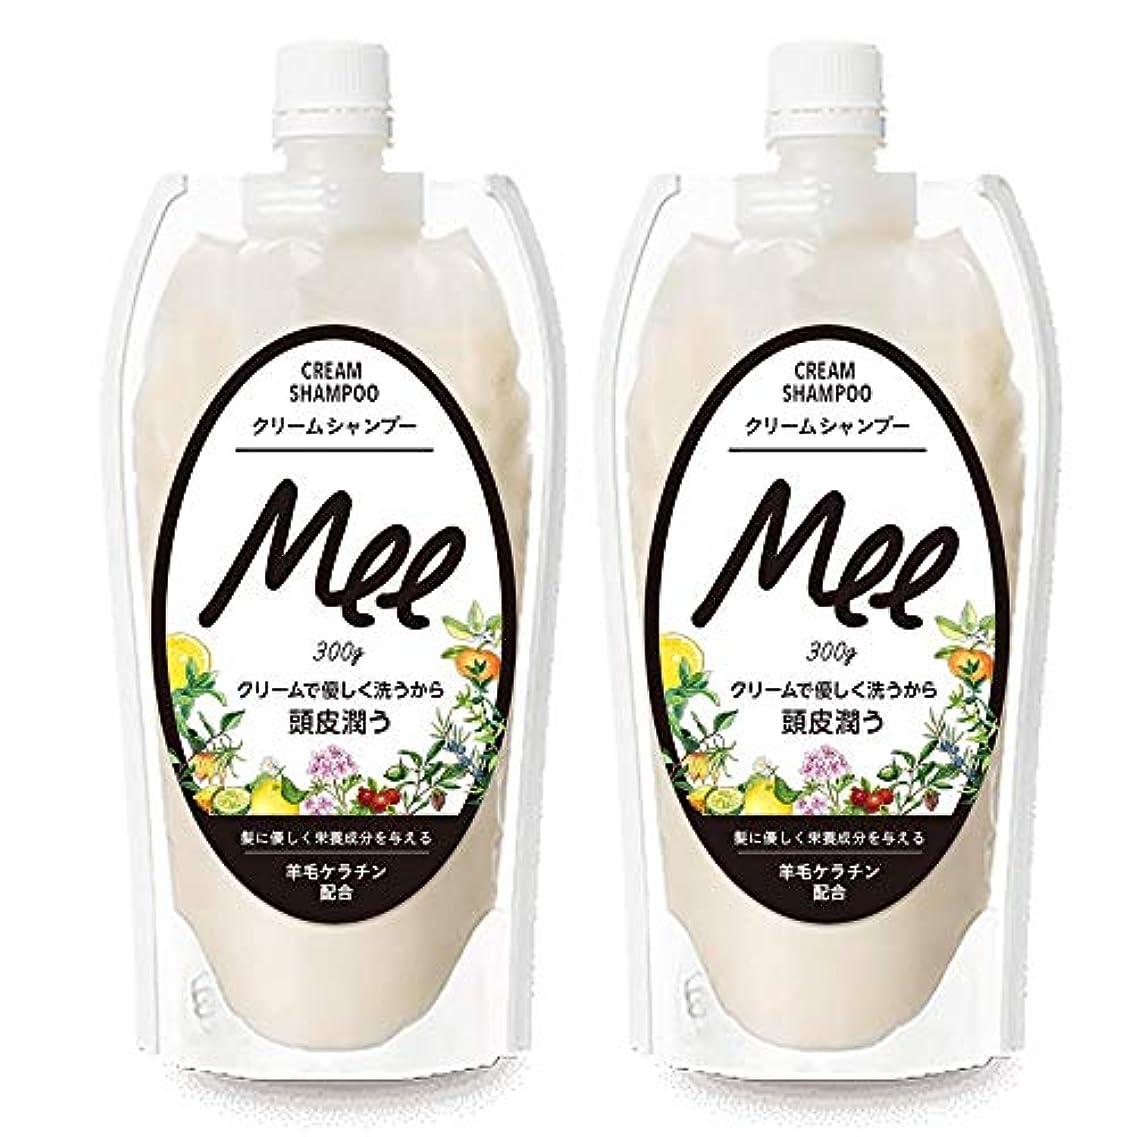 要求する想定する速記まとめ買い【2個組】 NEW!! 洗えるトリートメントMEE Mee 300g×2個SET クリームシャンプー 皮脂 乾燥肌 ダメージケア 大容量 時短 フケ かゆみ